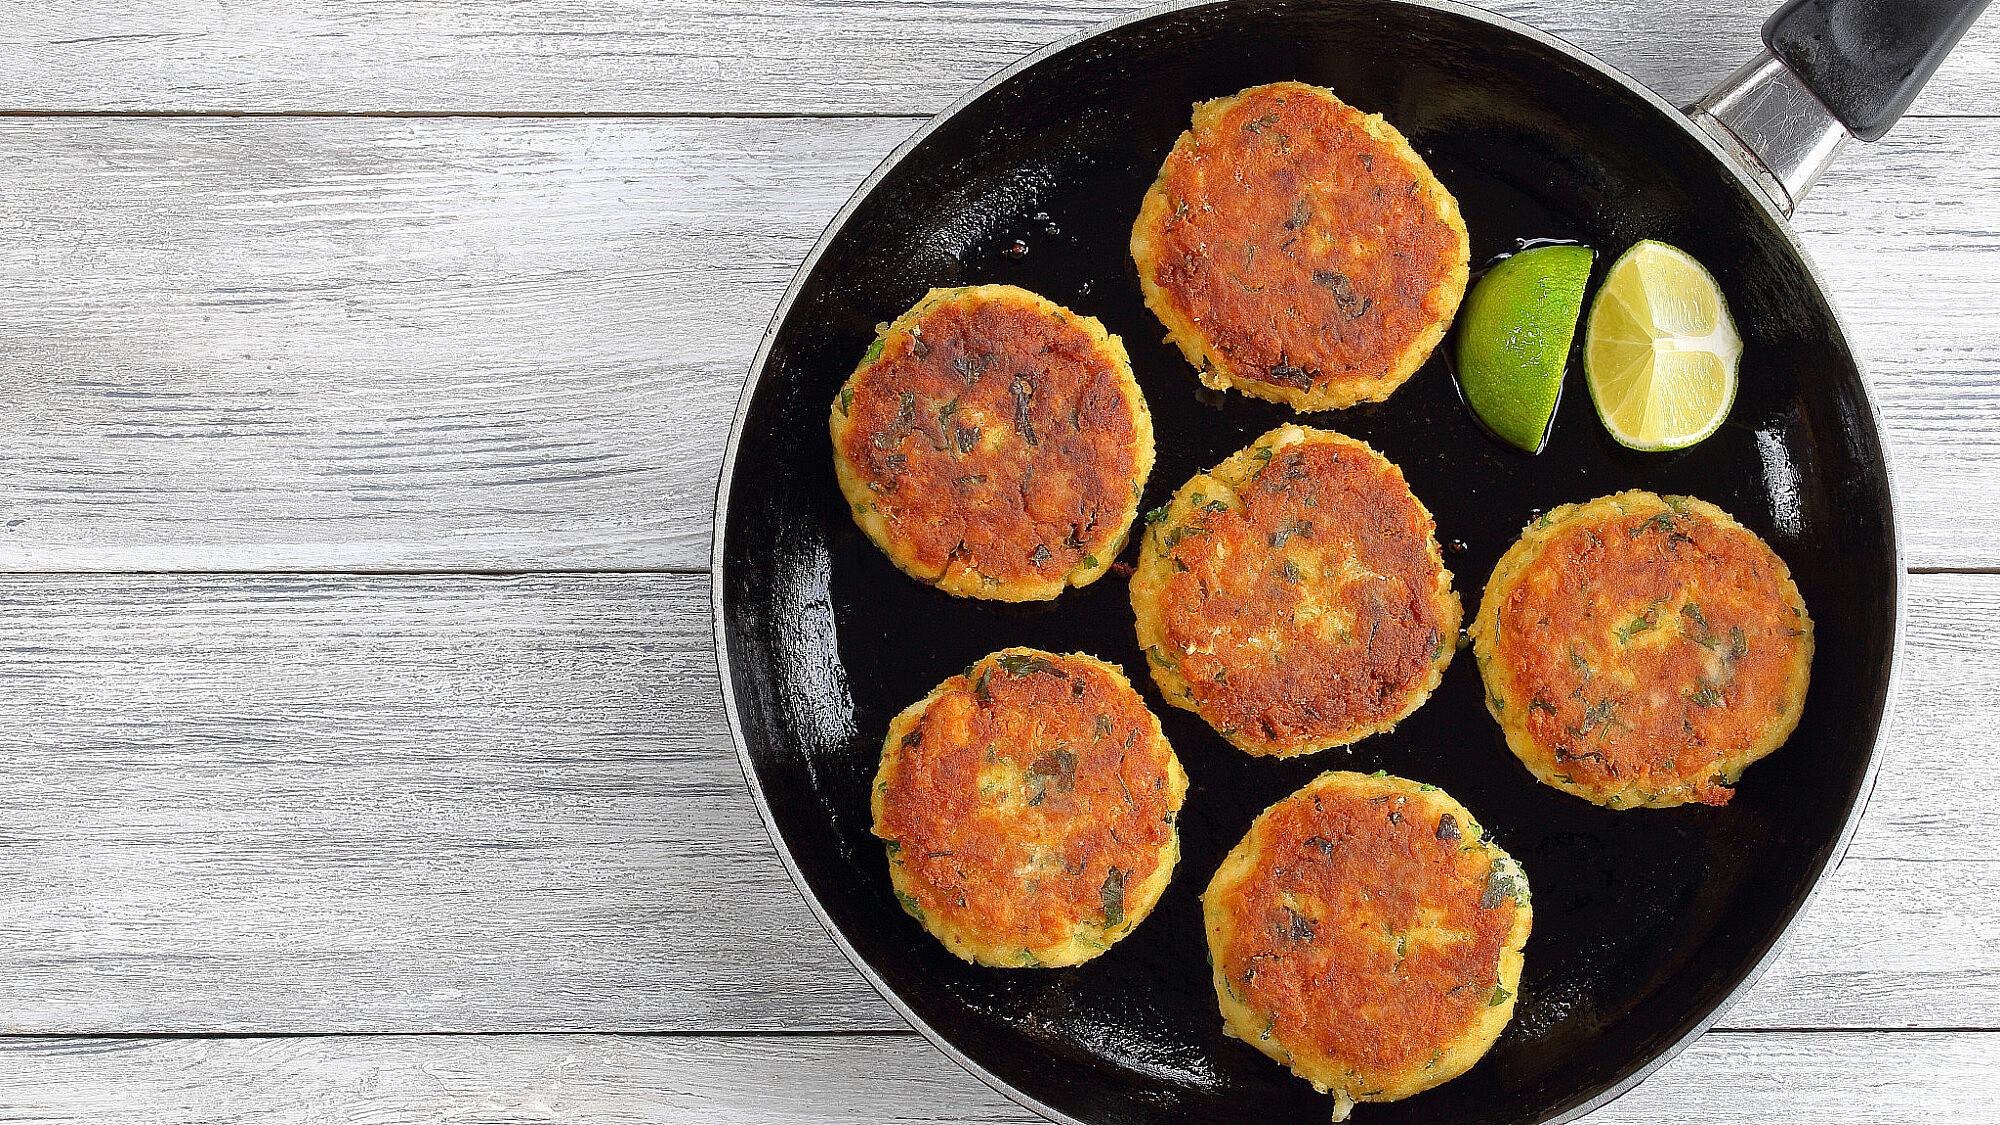 קציצות פראסה ודגים עם סלסה עגבניות של אורלי פלאי-ברונשטיין. צילום: Shutterstock